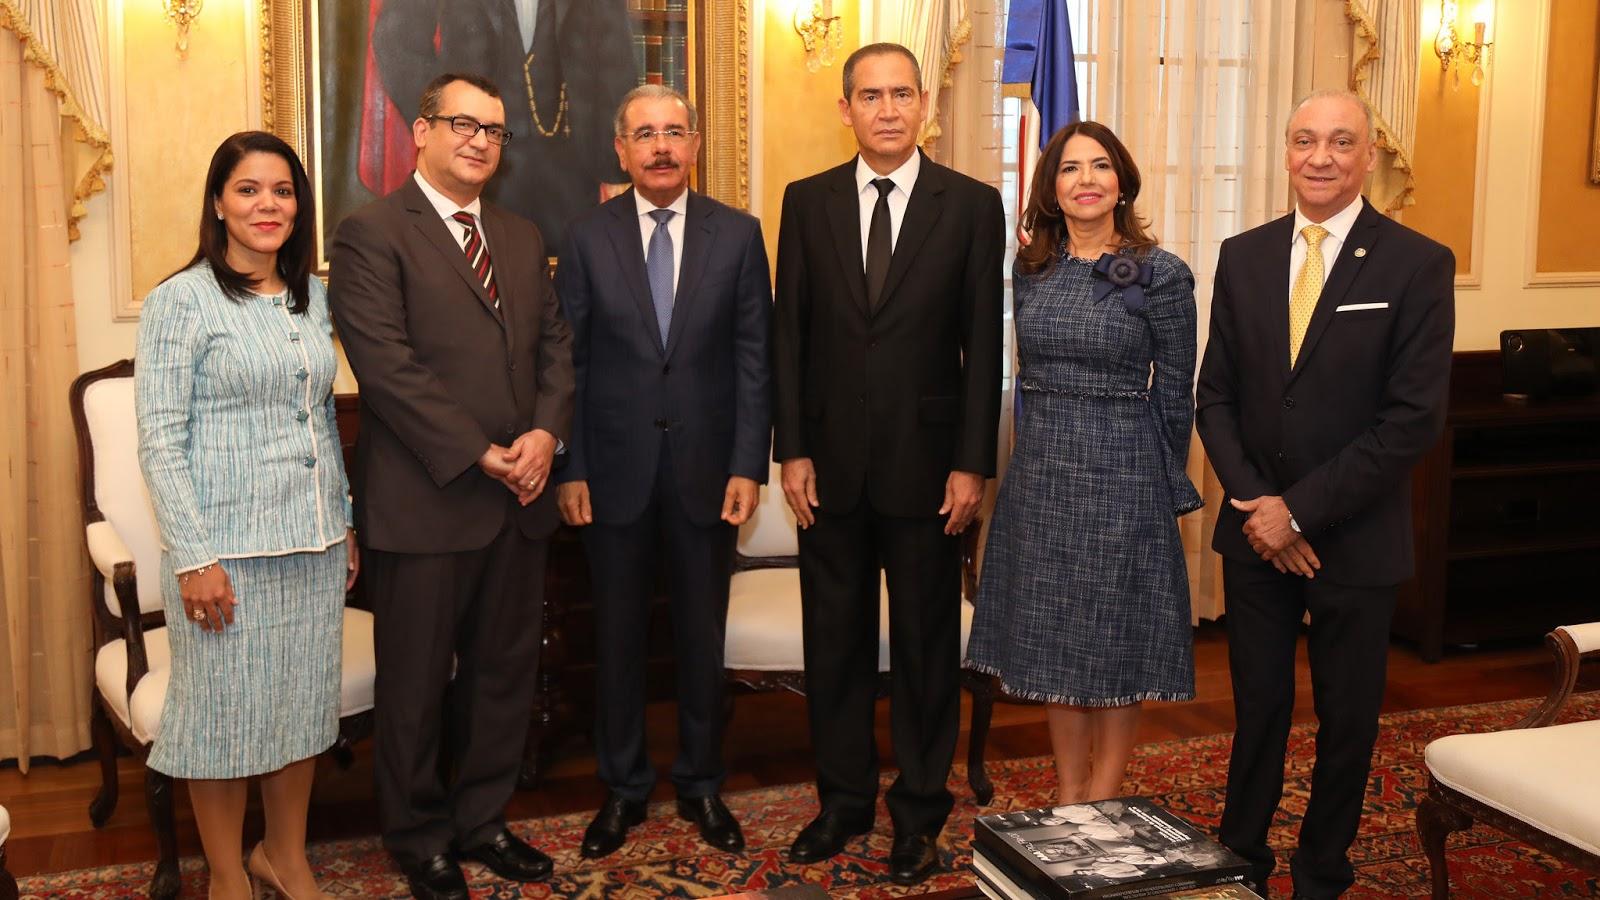 Presidente Danilo Medina recibe al pleno del Tribunal Superior Electoral